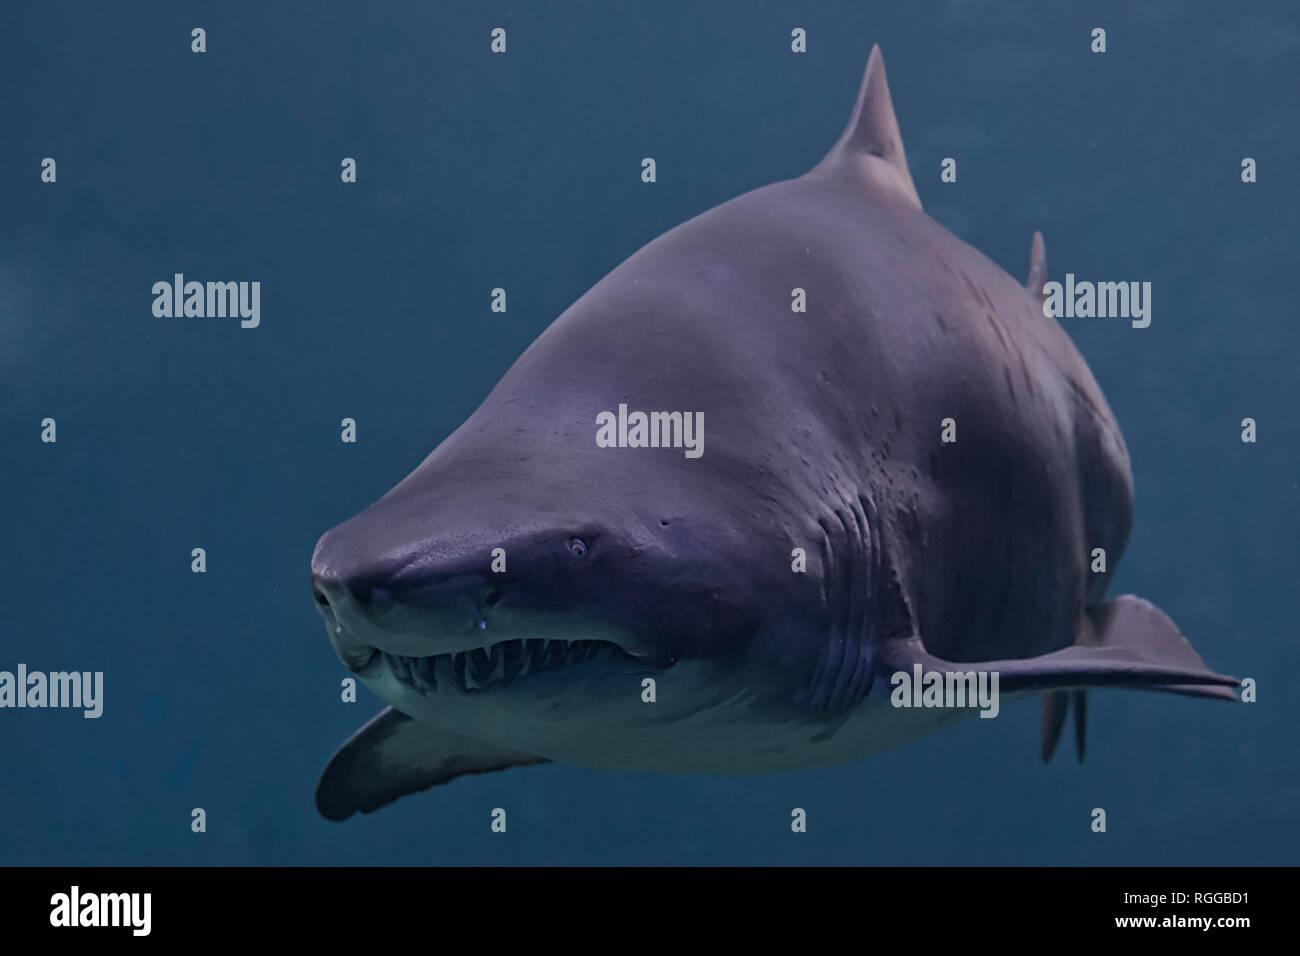 Menacing shark - Stock Image